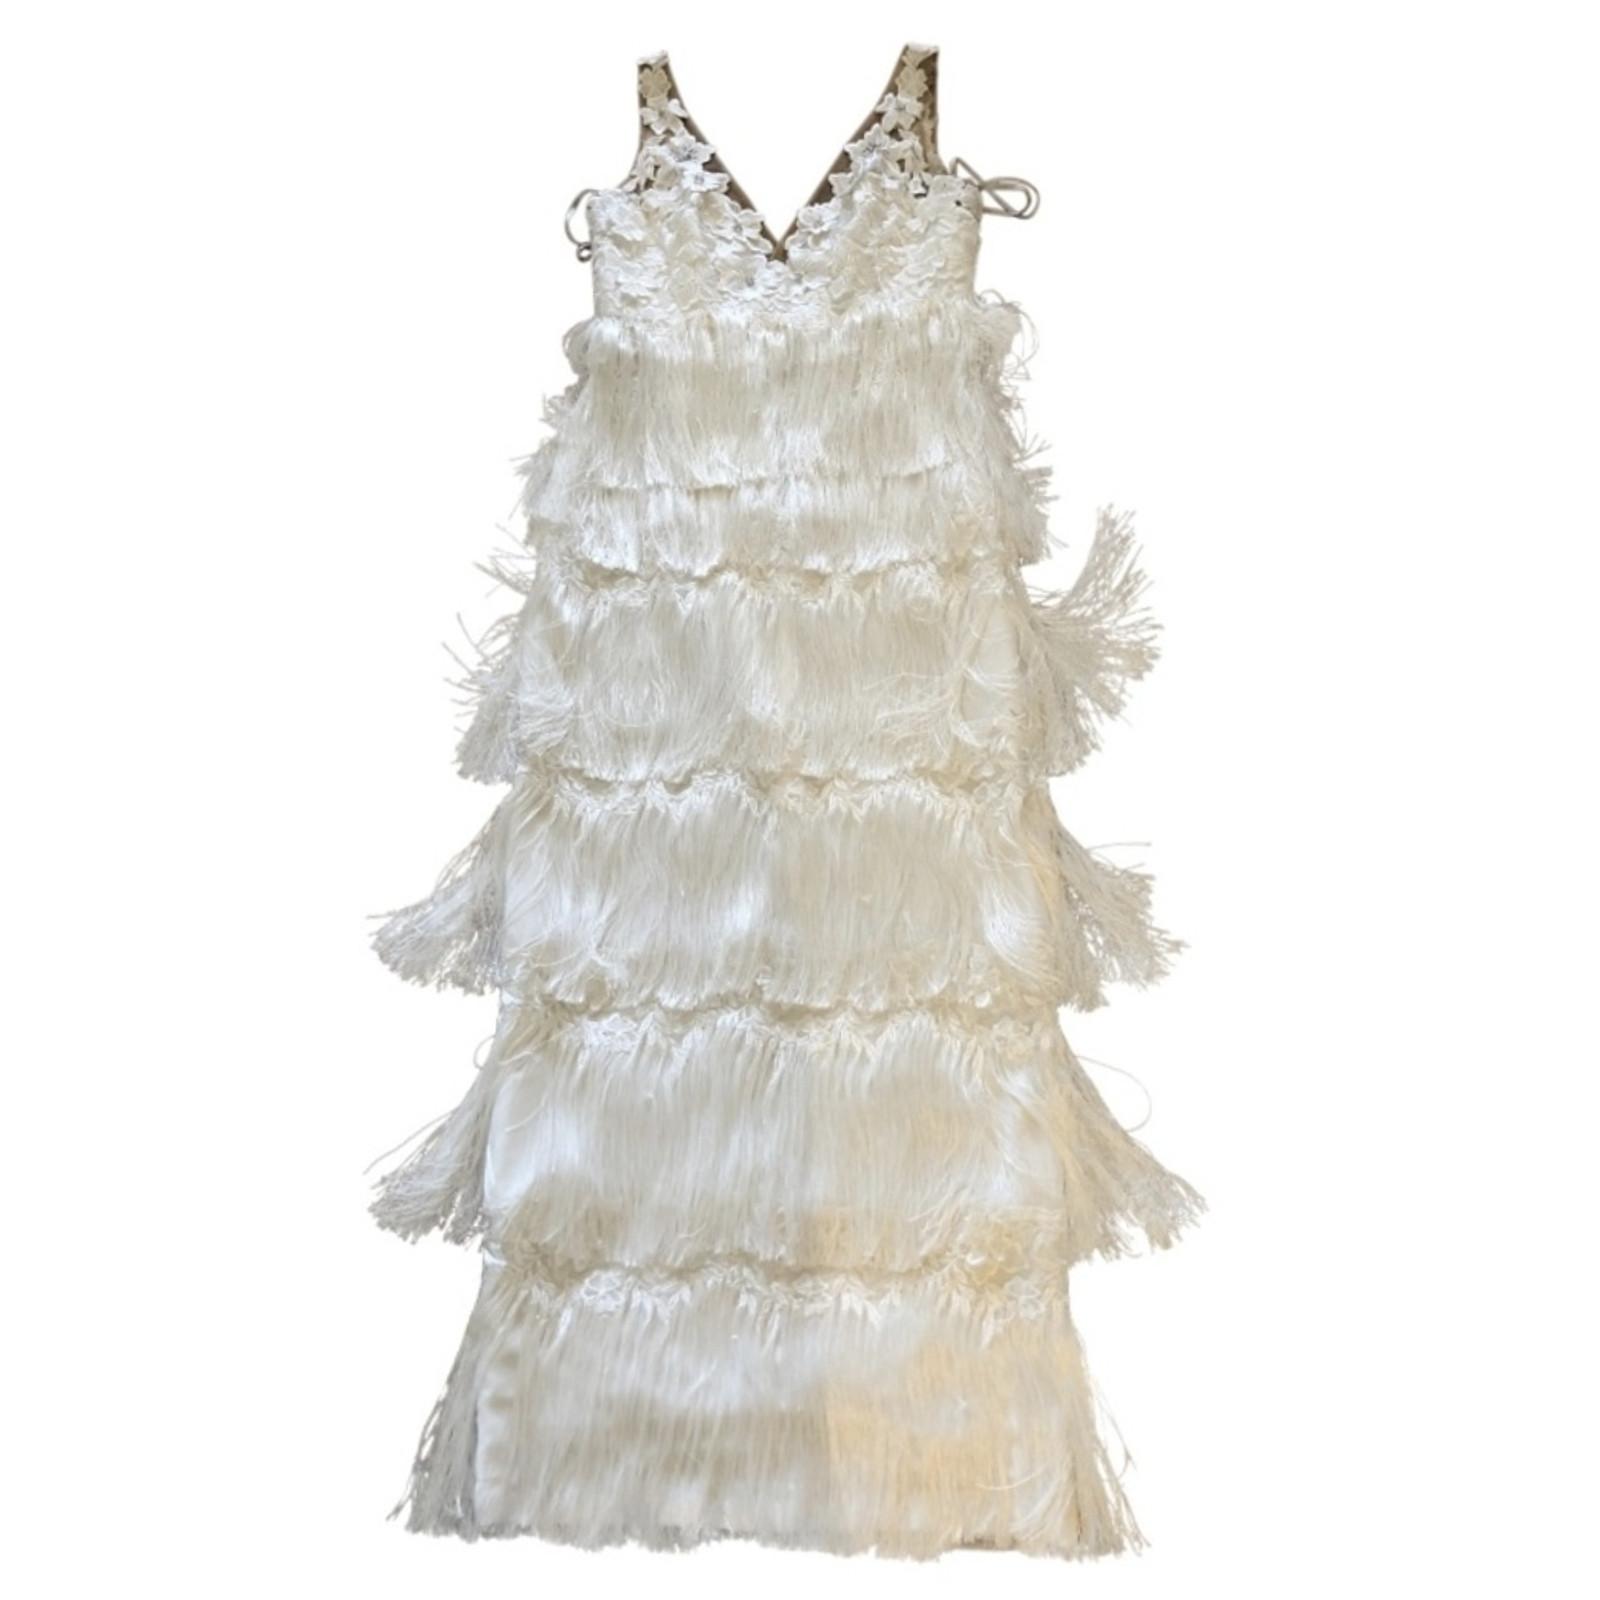 Marchesa Kleid in Weiß - Second Hand Marchesa Kleid in Weiß